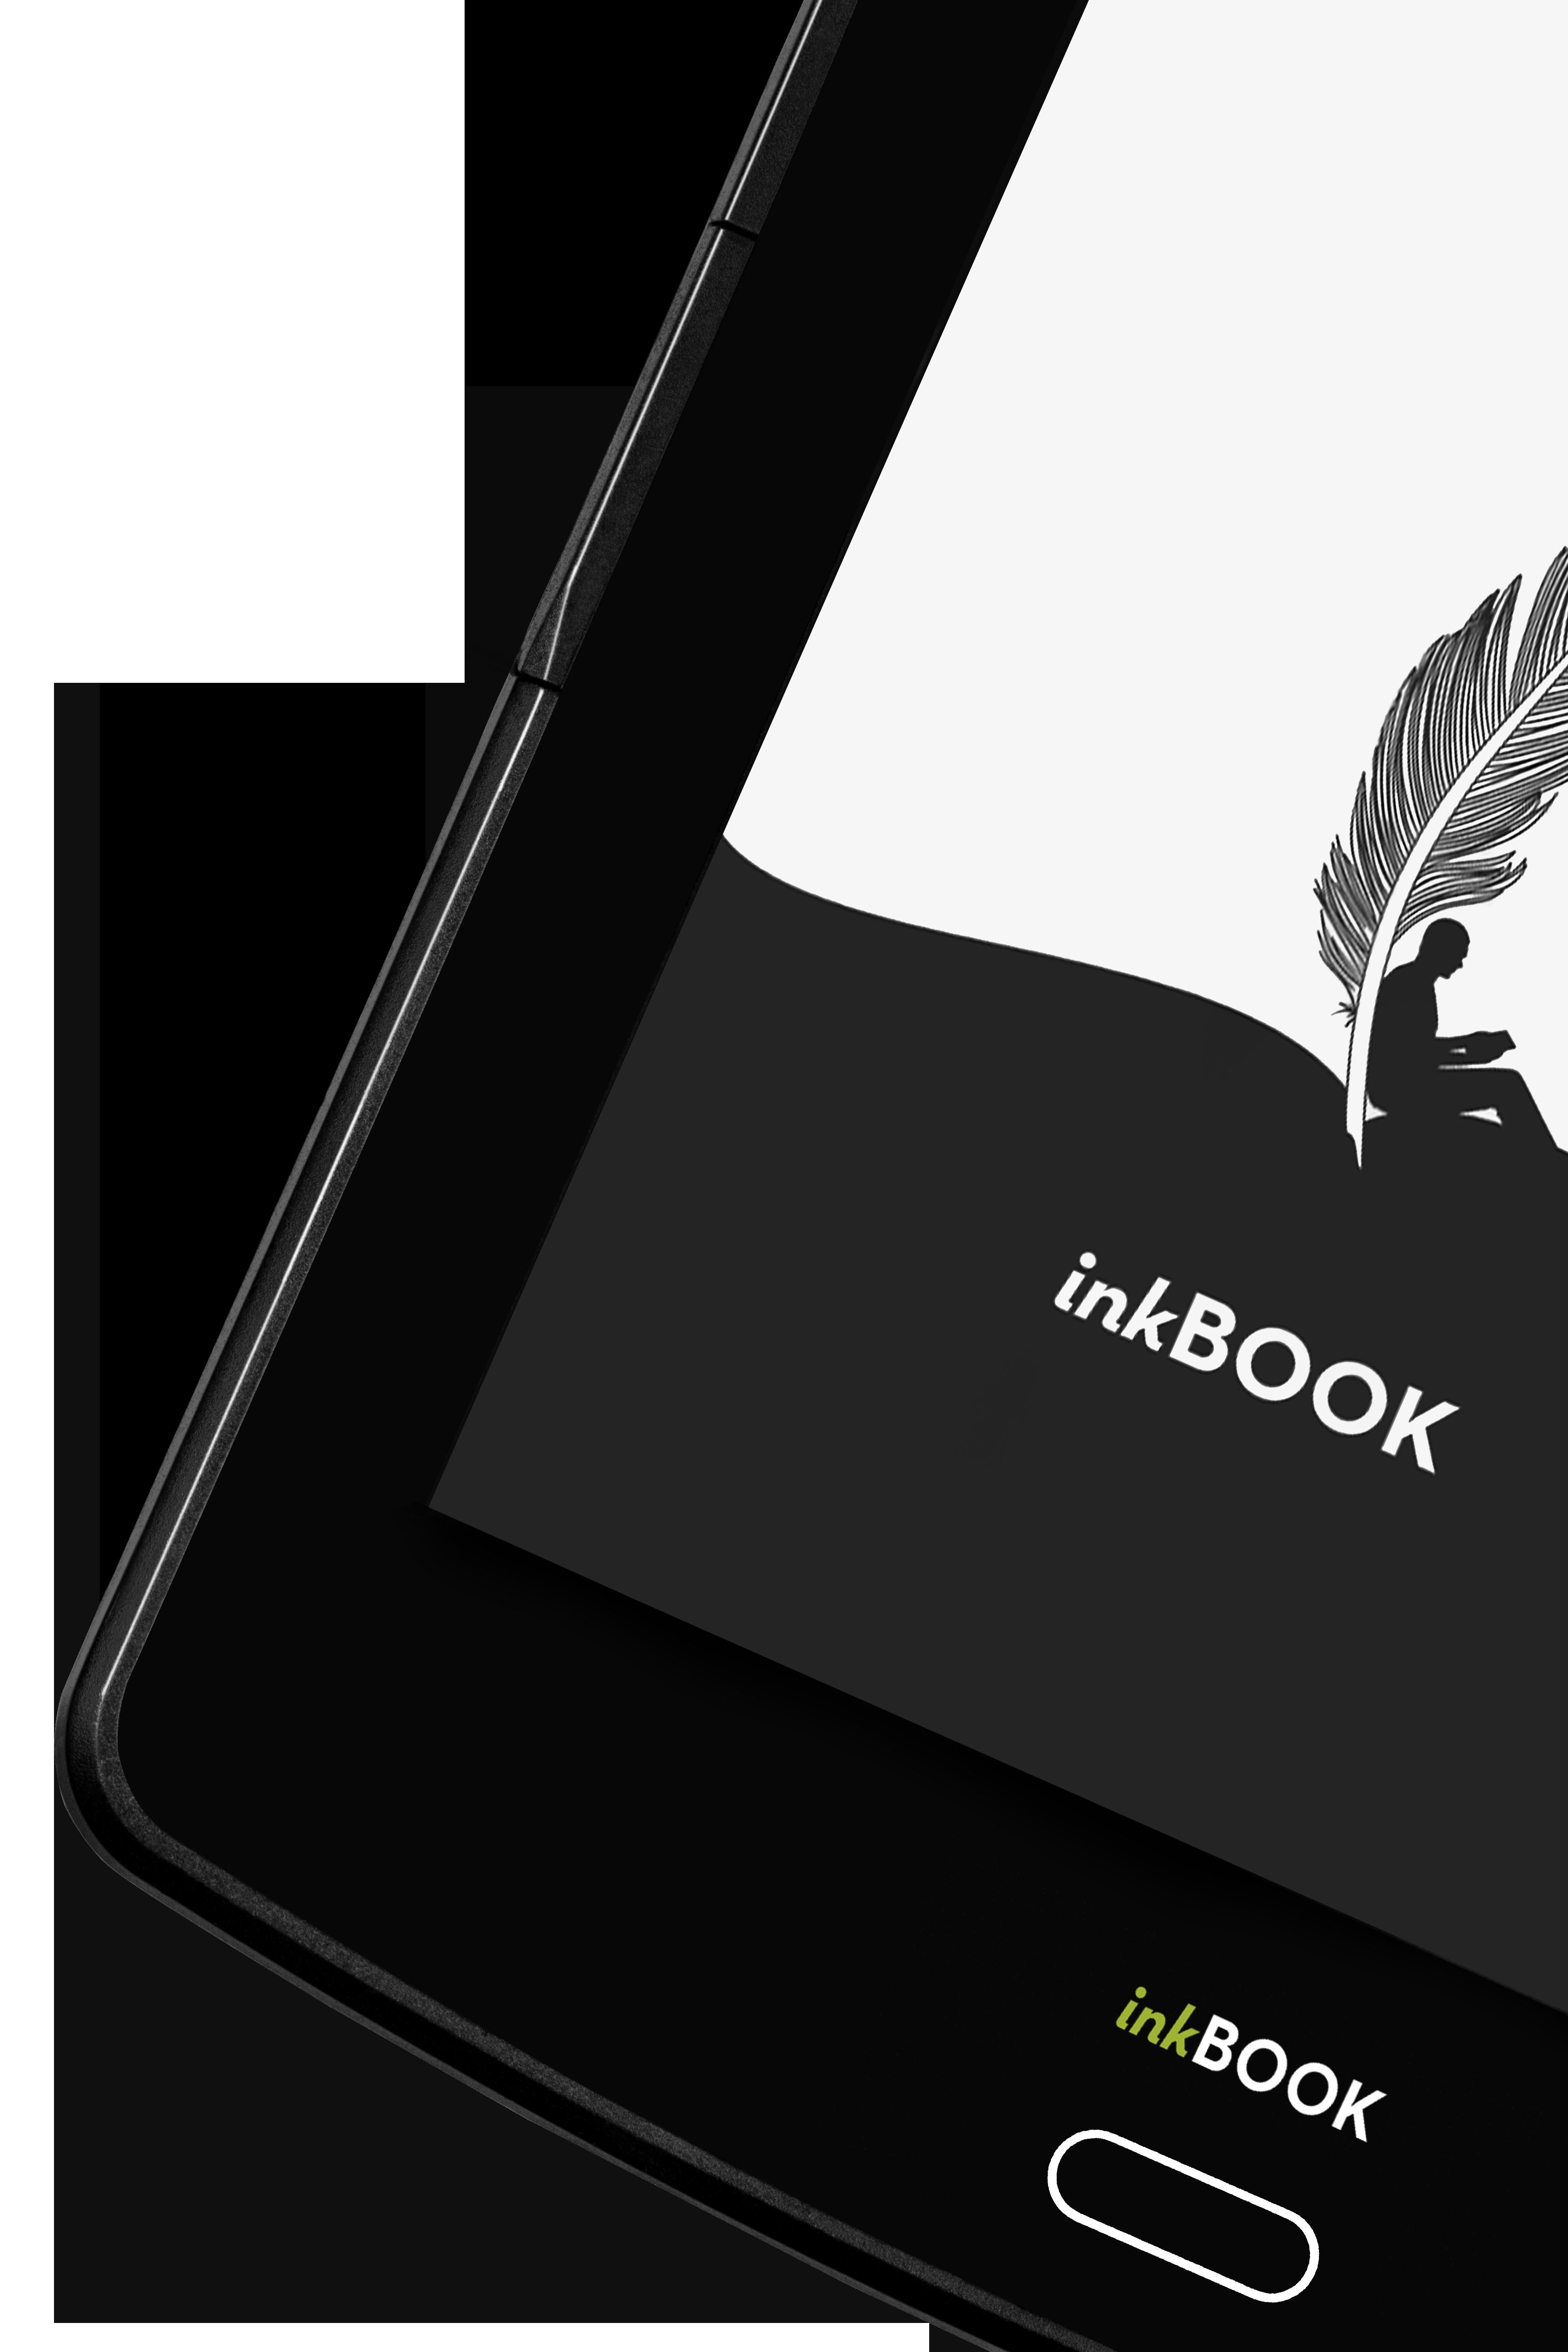 inkBOOK Classic 2 i inkBOOK Prime – dwa nowe czytniki polskiej produkcji